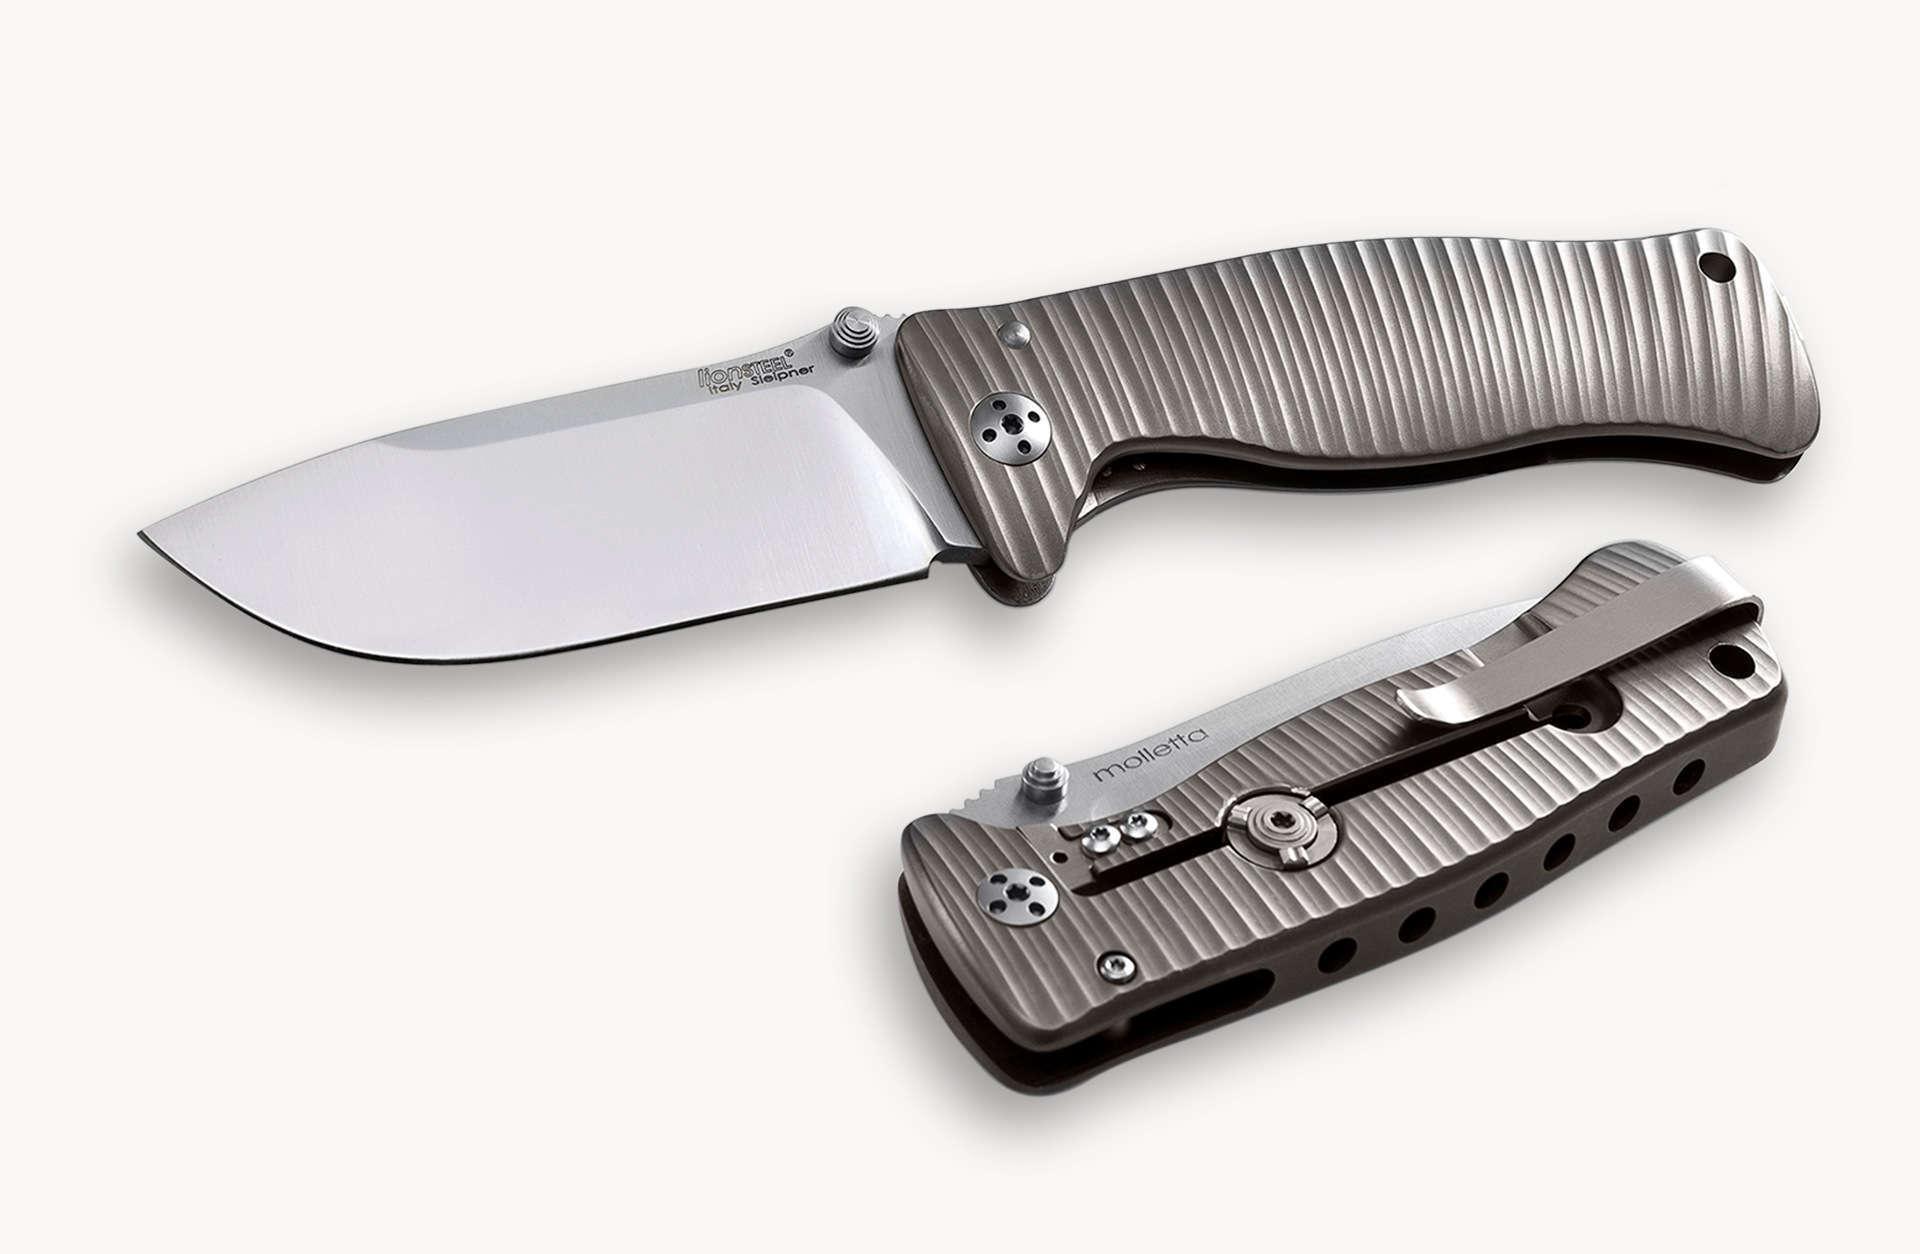 Фото 8 - Нож складной LionSteel SR1 G, сталь Sleipner, рукоять титан от Lion Steel